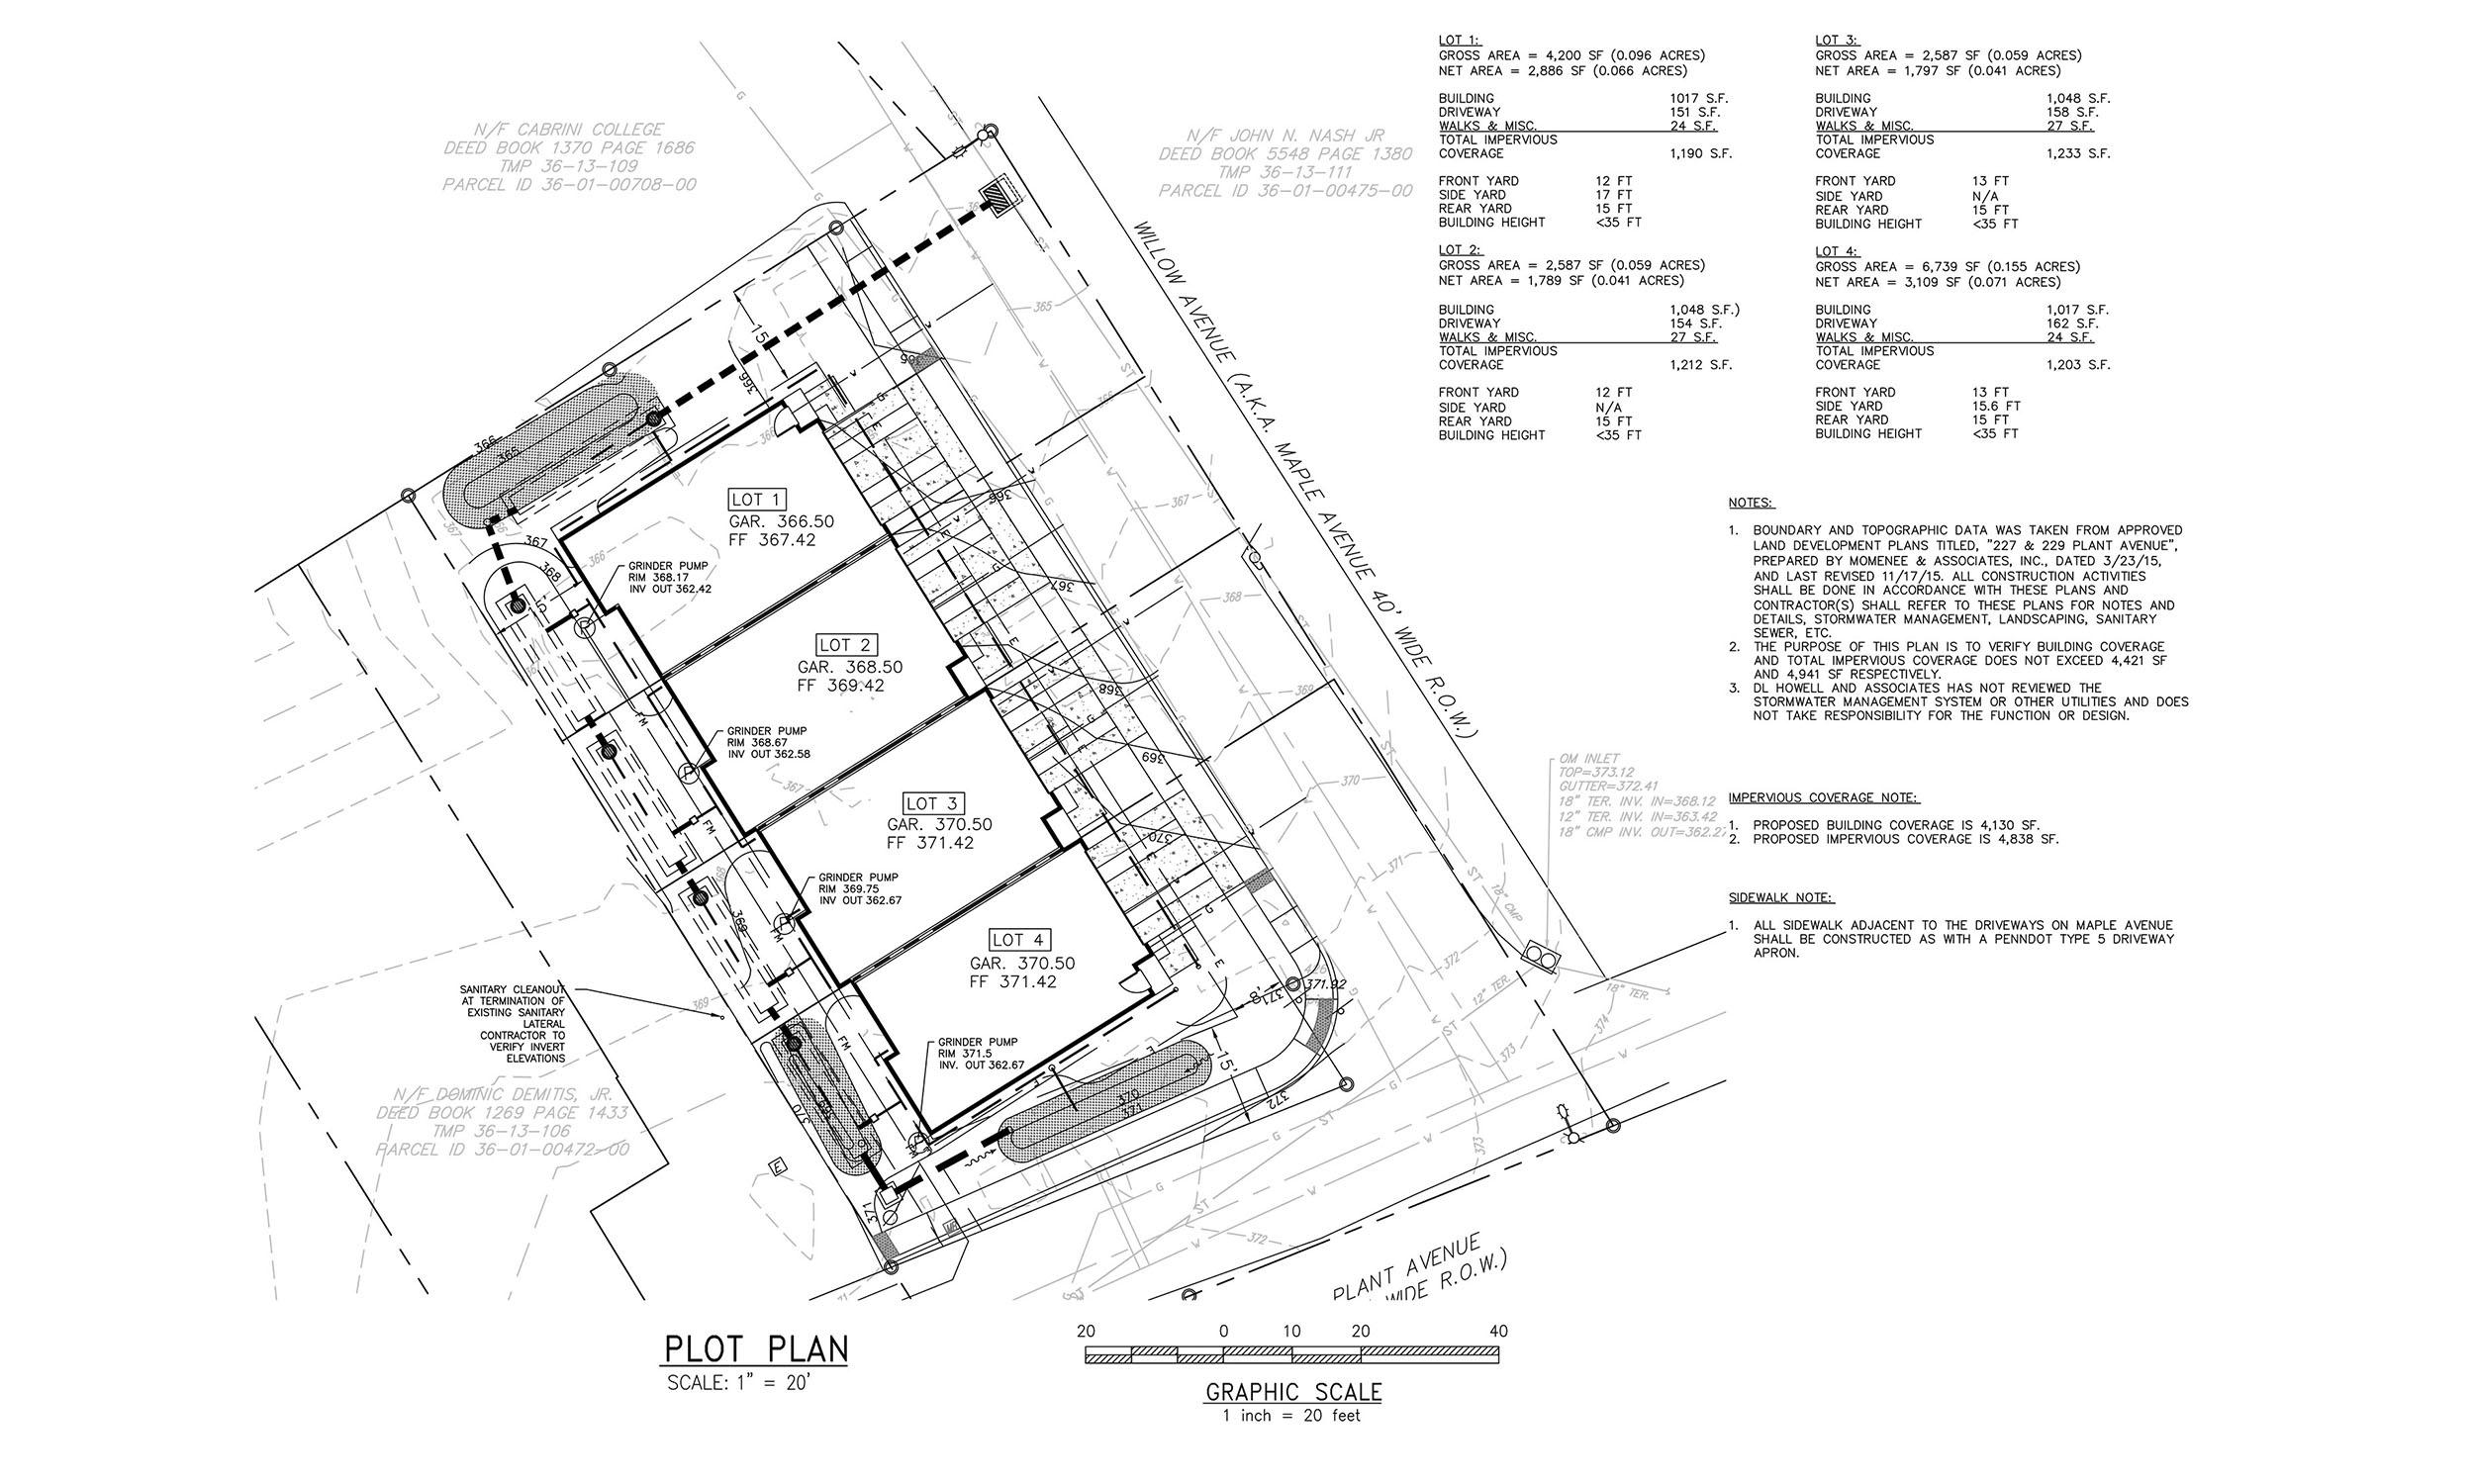 Zoning Permit Plan Draft 9-30-16_ret.jpg